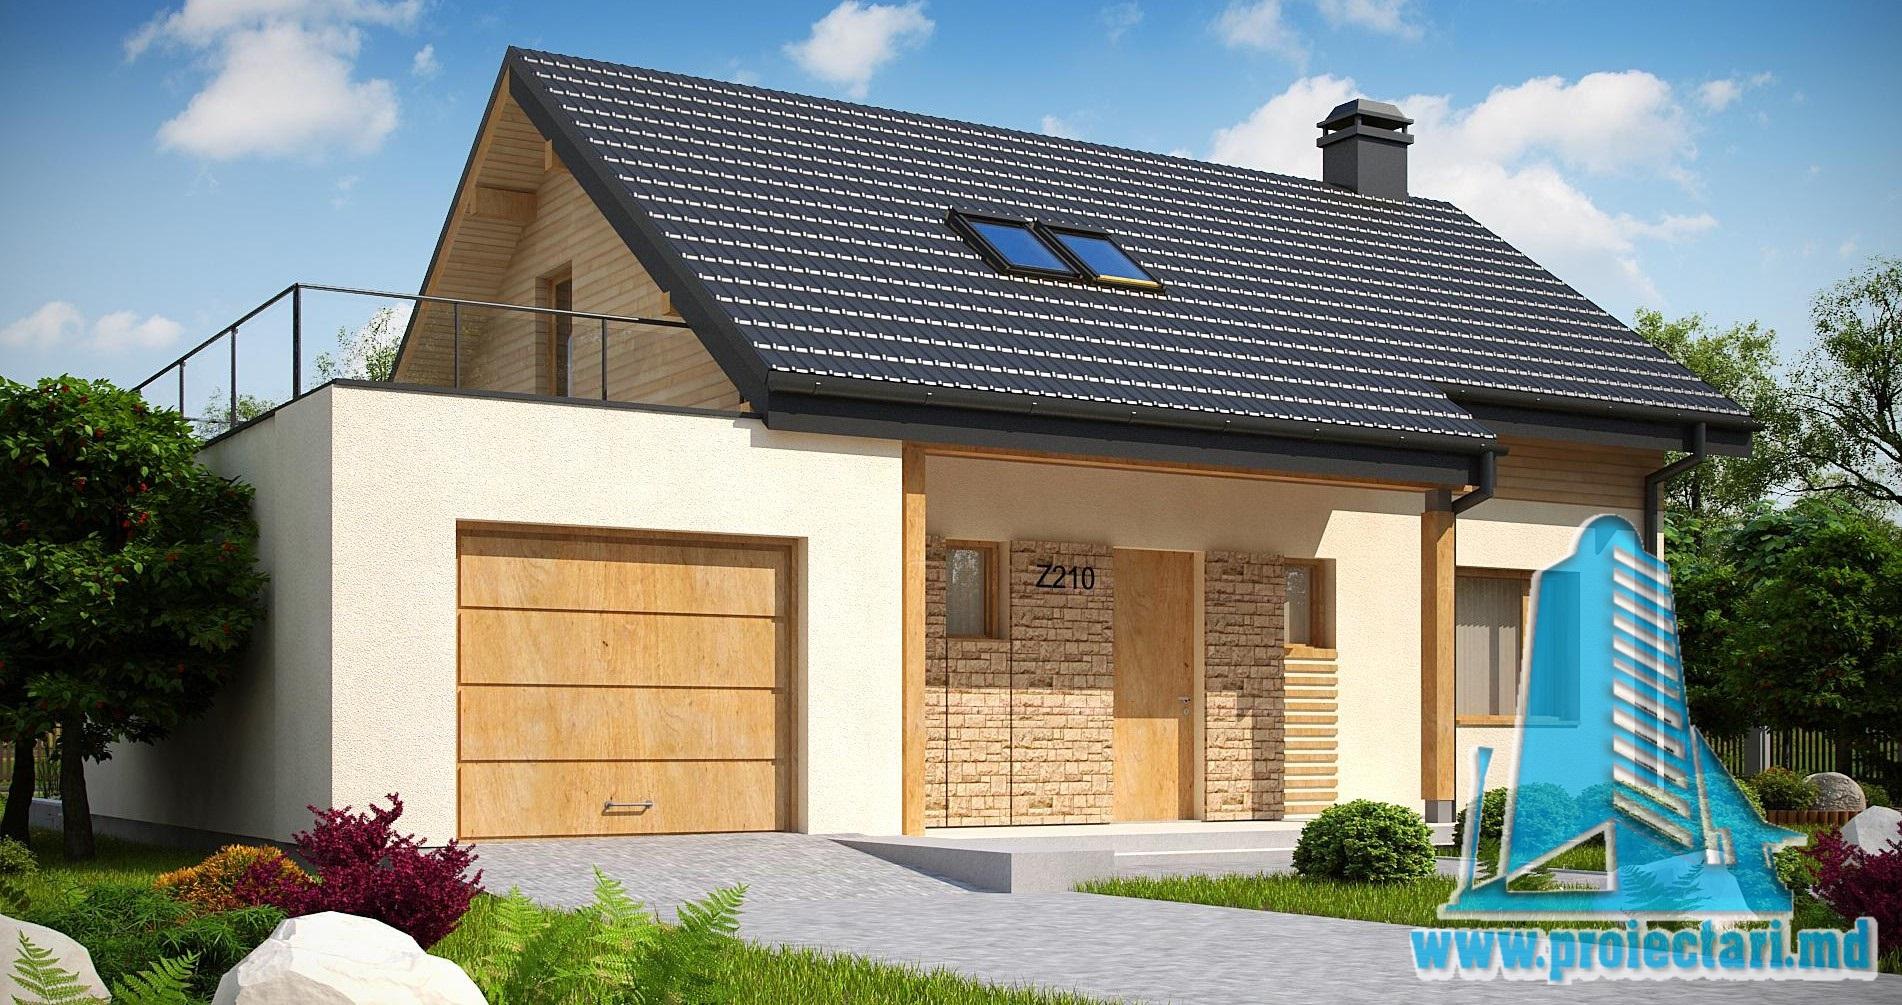 Proiect de casa cu parter si mansarda – 240m2 cu terasa de vara si garaj pentru un automobil din piatra de calcar- 100986